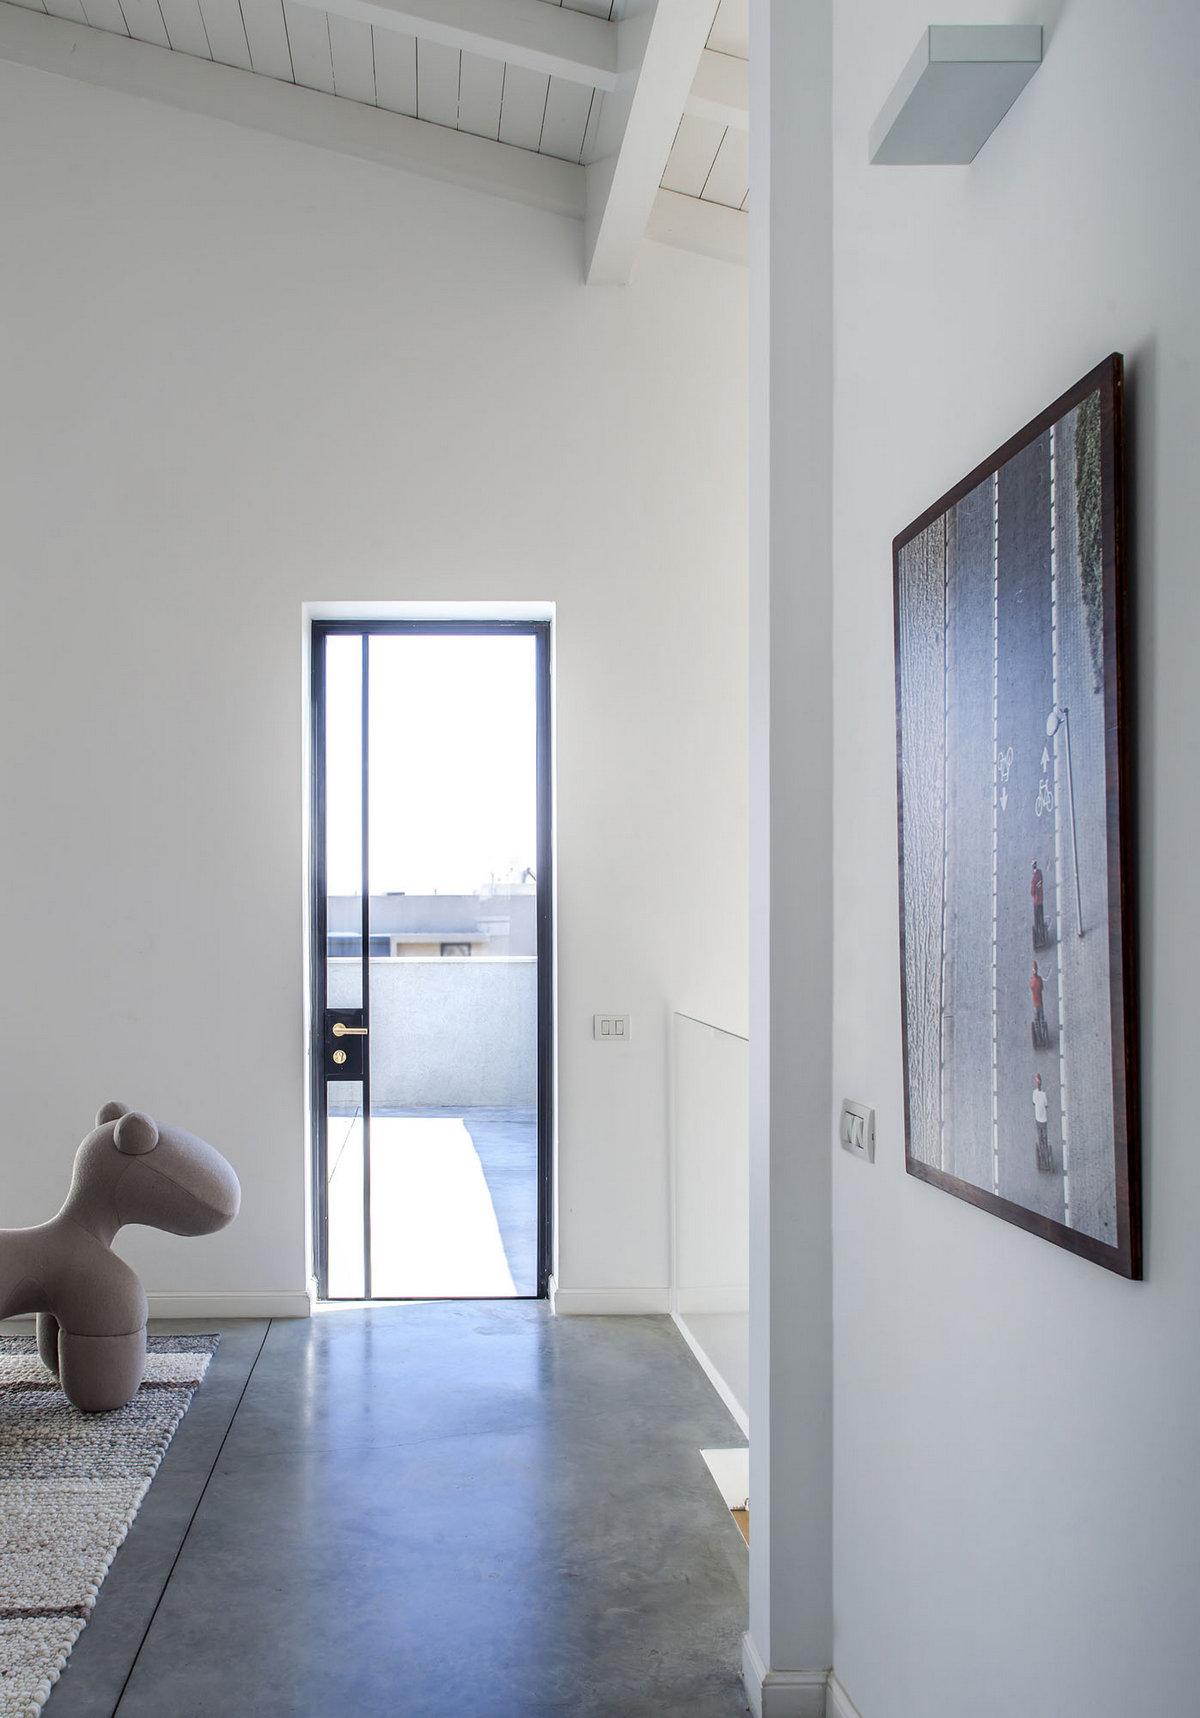 Henkin Shavit Architecture & Design, особняки в Израиле, обзоры частных домов, Лохамей-ха-гетаот, недвижимость в Израиле, New Kibbutz Family House